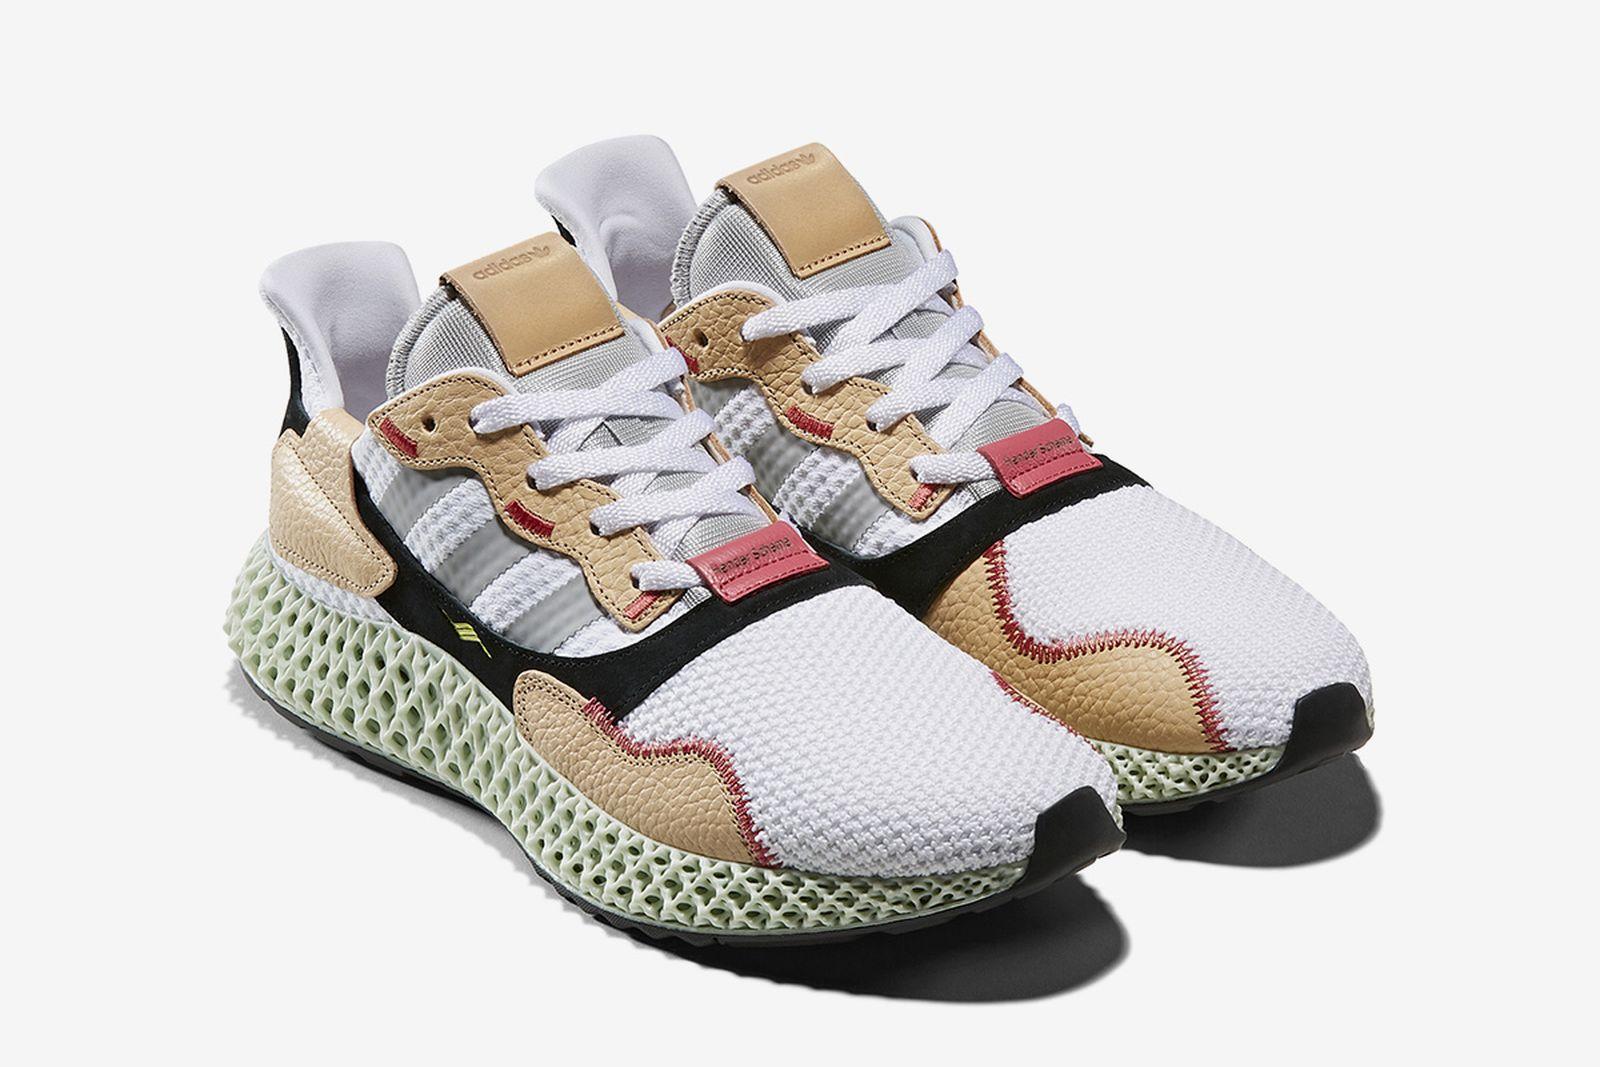 hender scheme adidas zx 4000 4d release date price adidas Originals